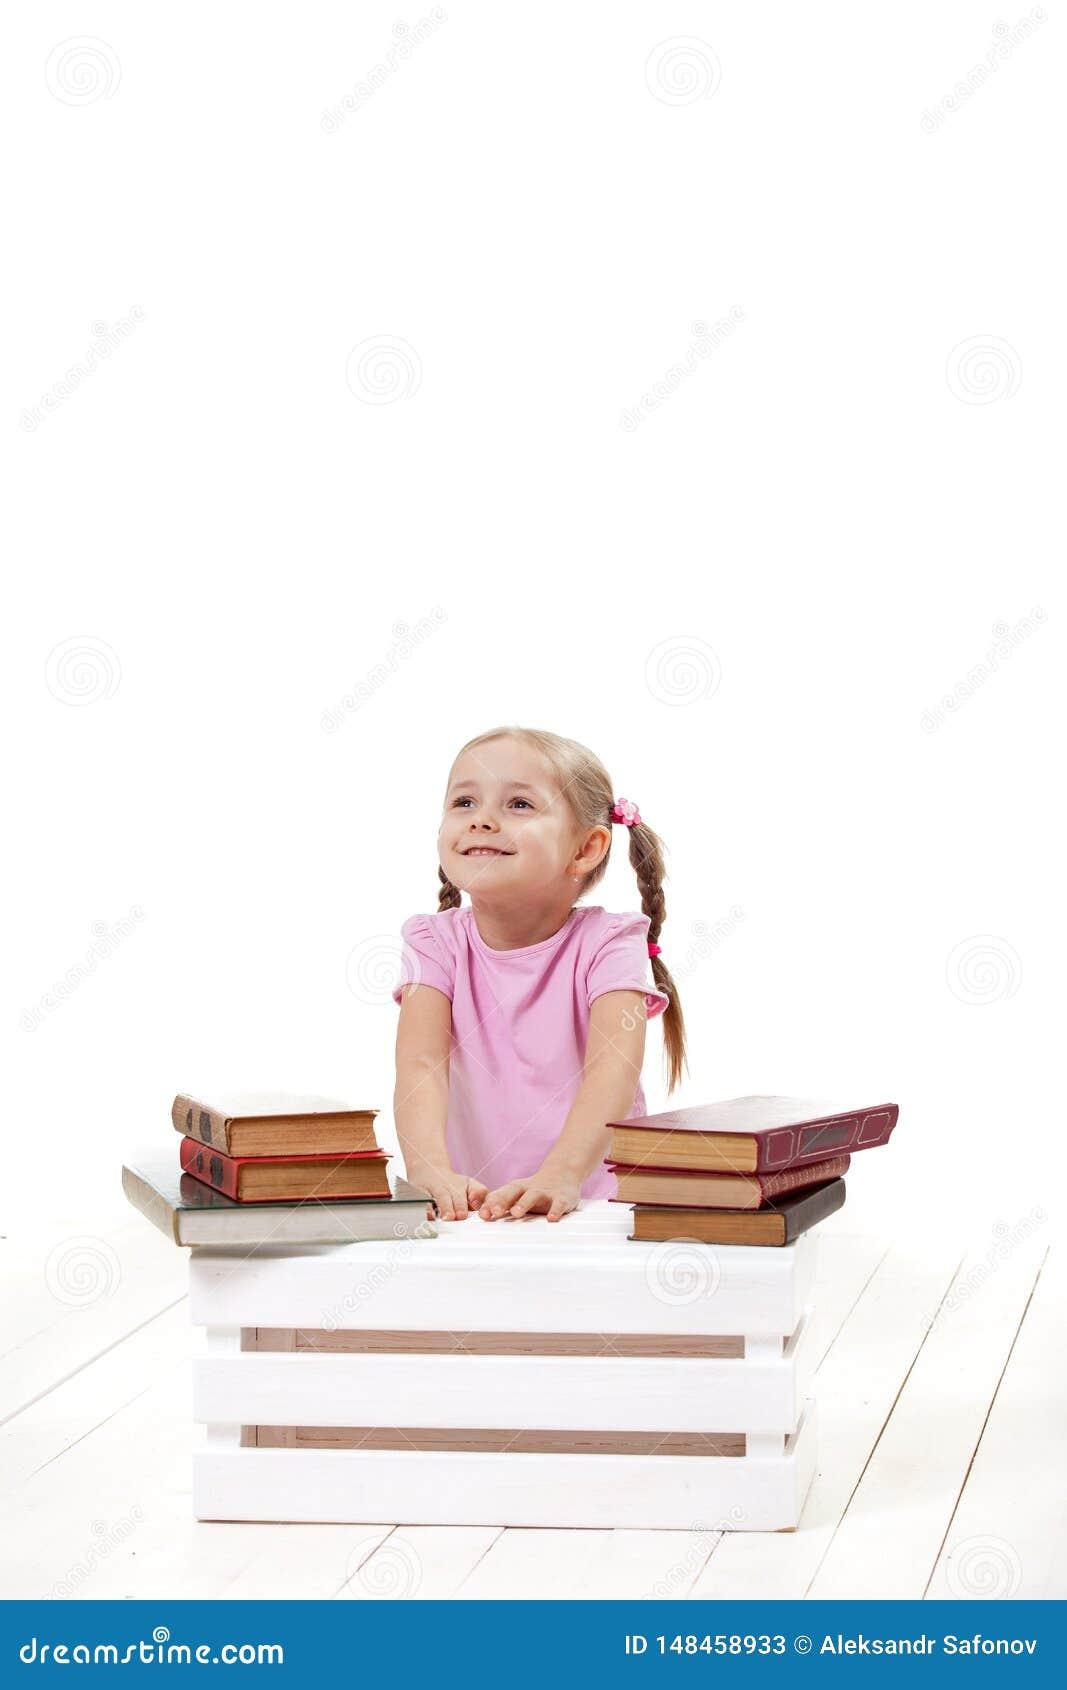 Το χαρούμενο μικρό κορίτσι με τα βιβλία κάθεται σε ένα άσπρο πάτωμα